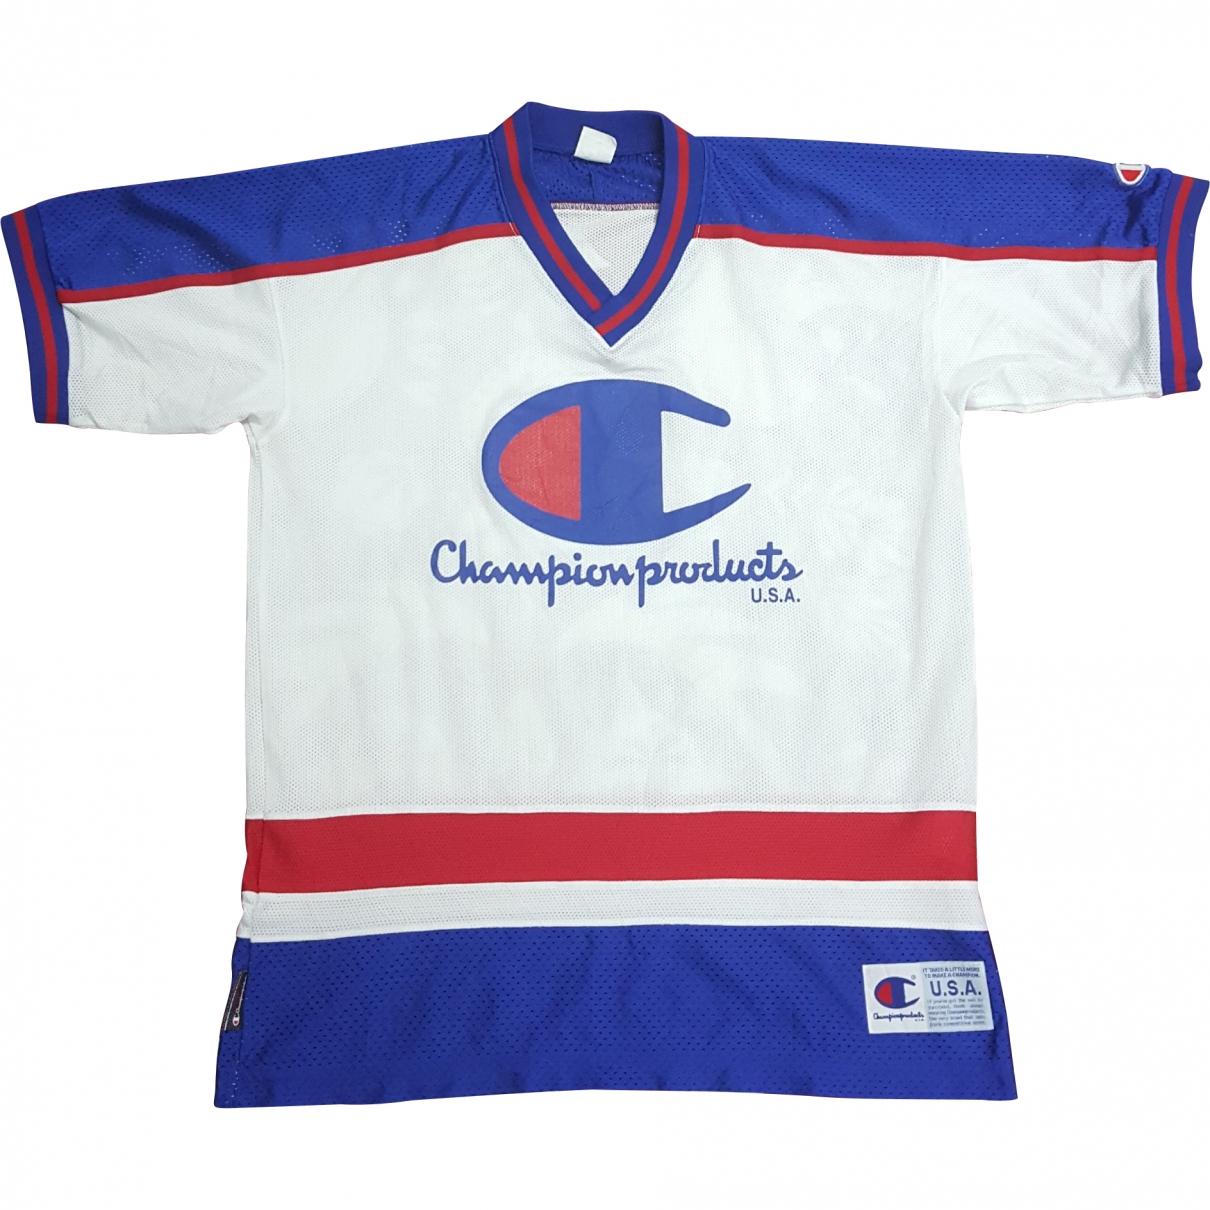 Champion - Tee shirts   pour homme en autre - multicolore